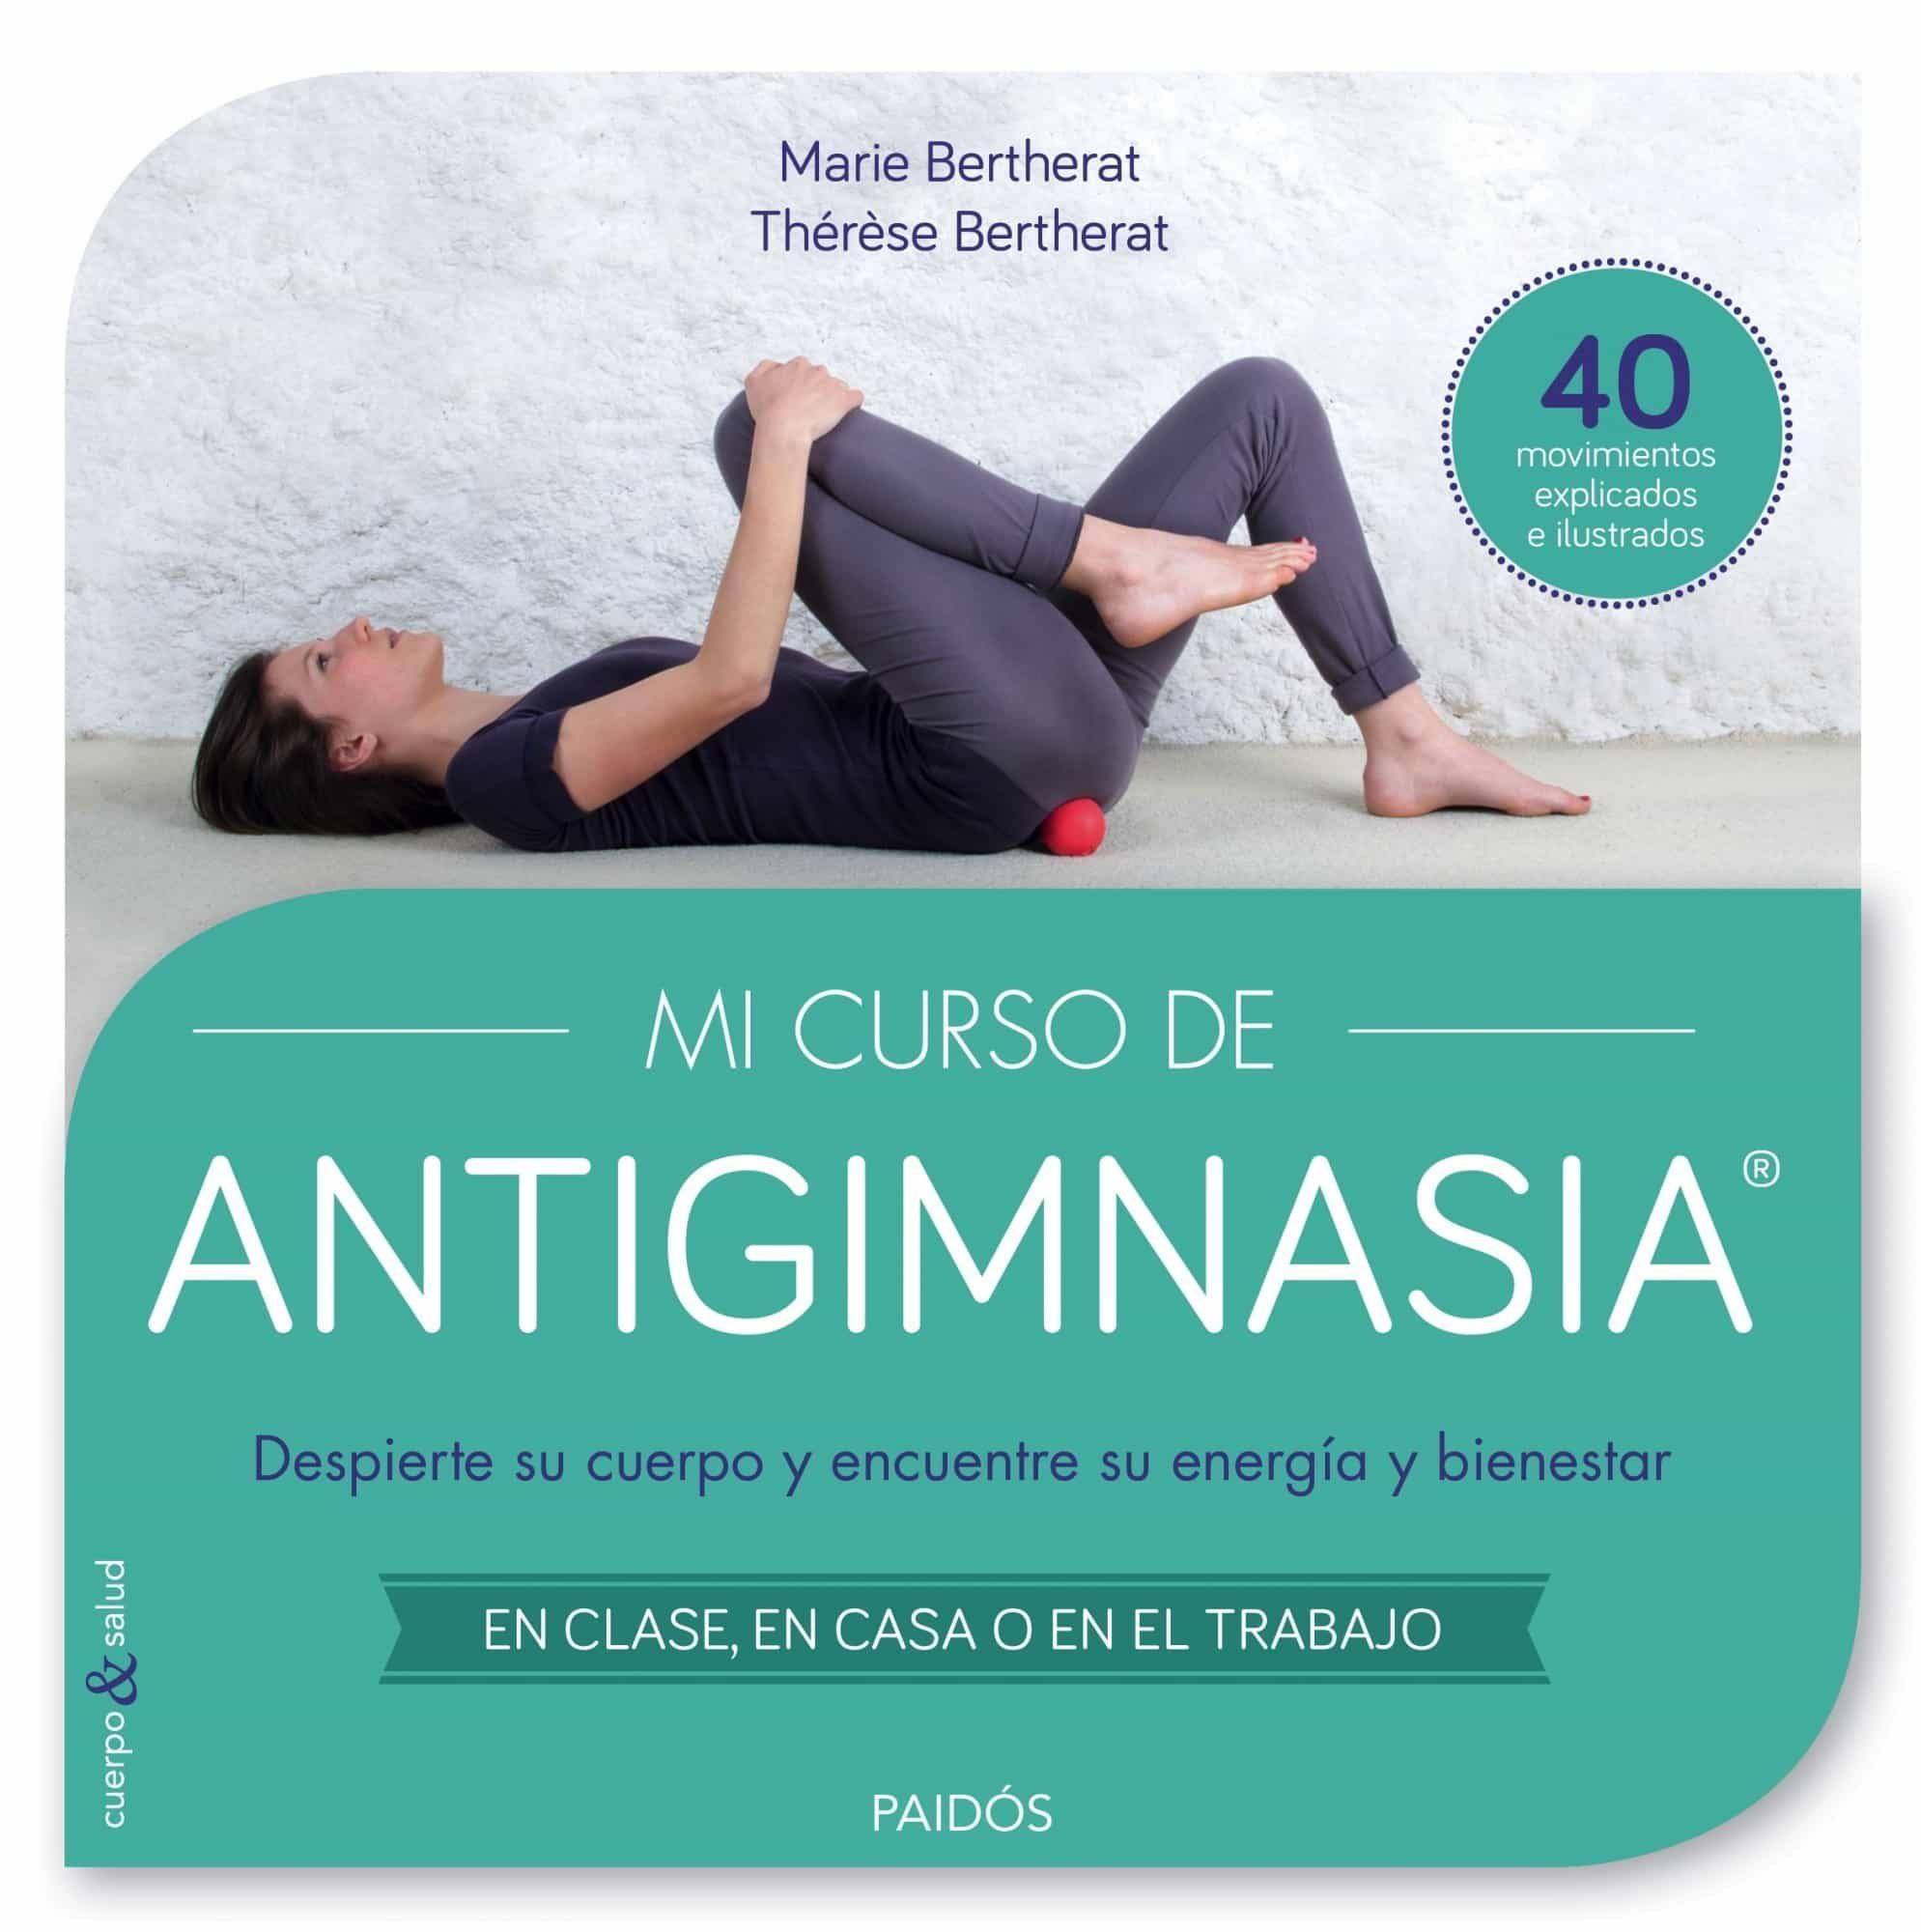 mi curso de antigimnasia: despierta tu cuerpo y encuentra tu energia y bienestar-marie bertherat-therese bertherat-9788449330018